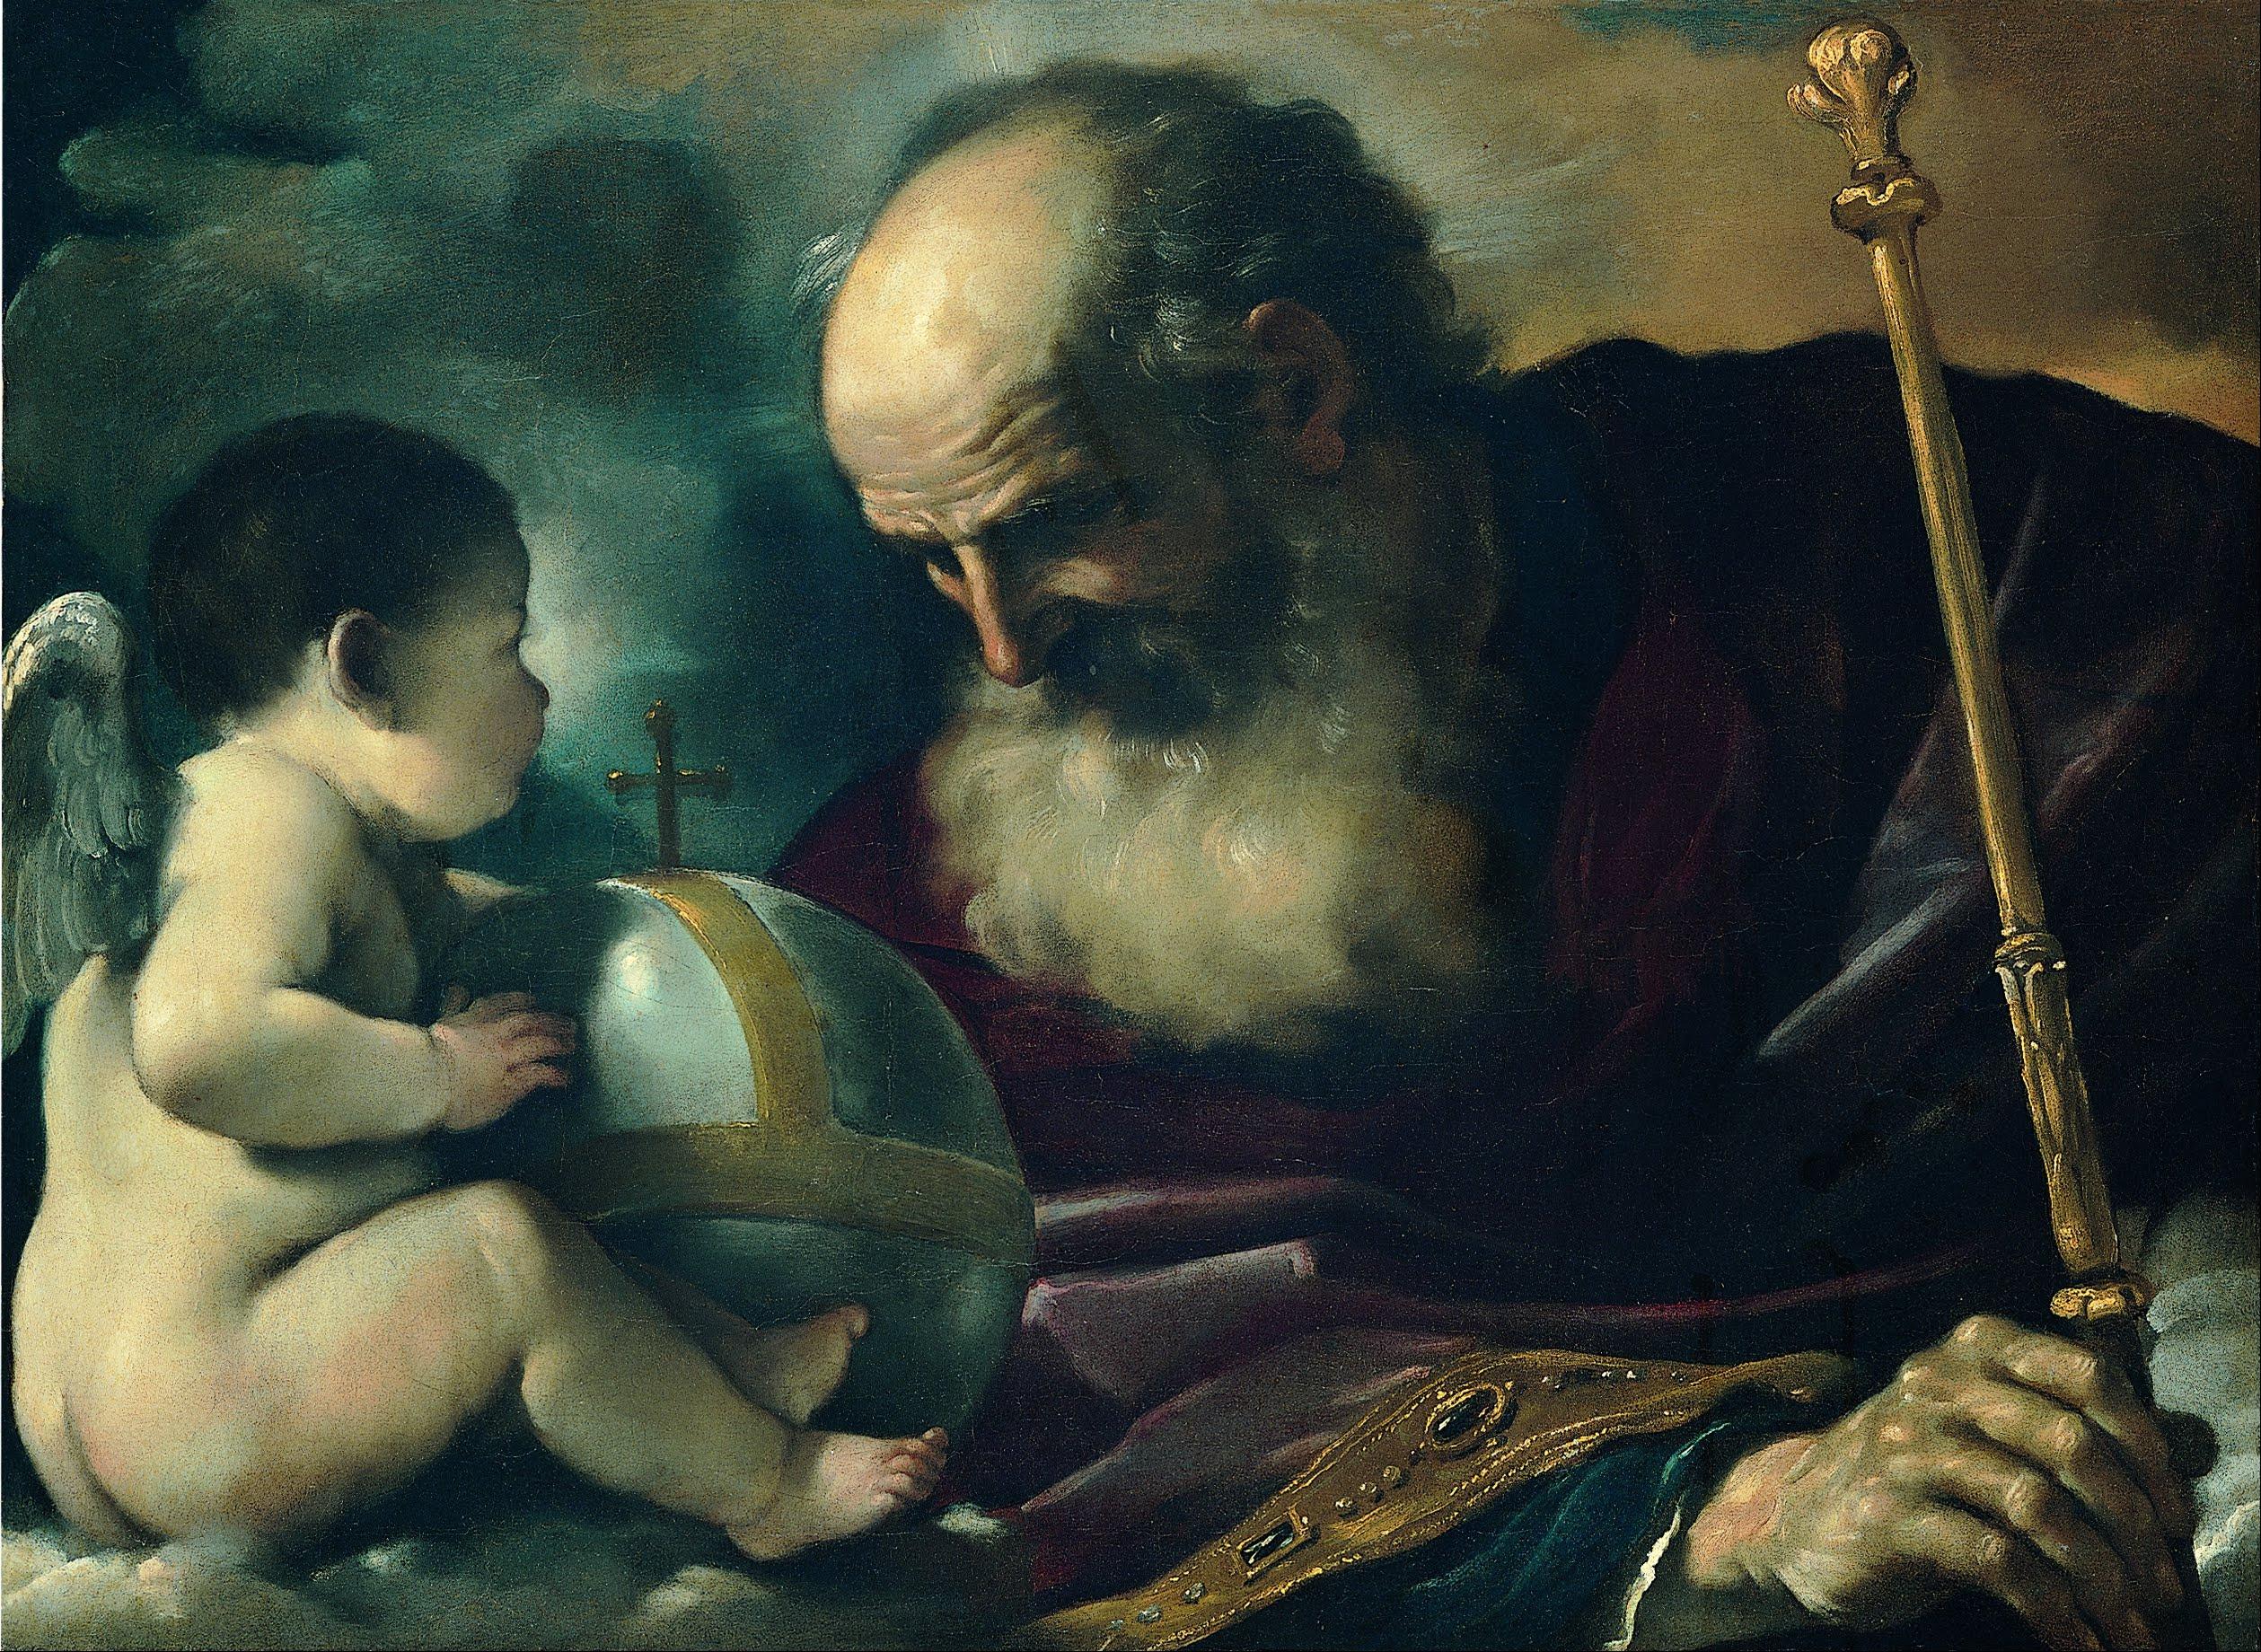 Tanrı'ya atfedilen sıfatlar, insana atfedilenlerle eş midir?